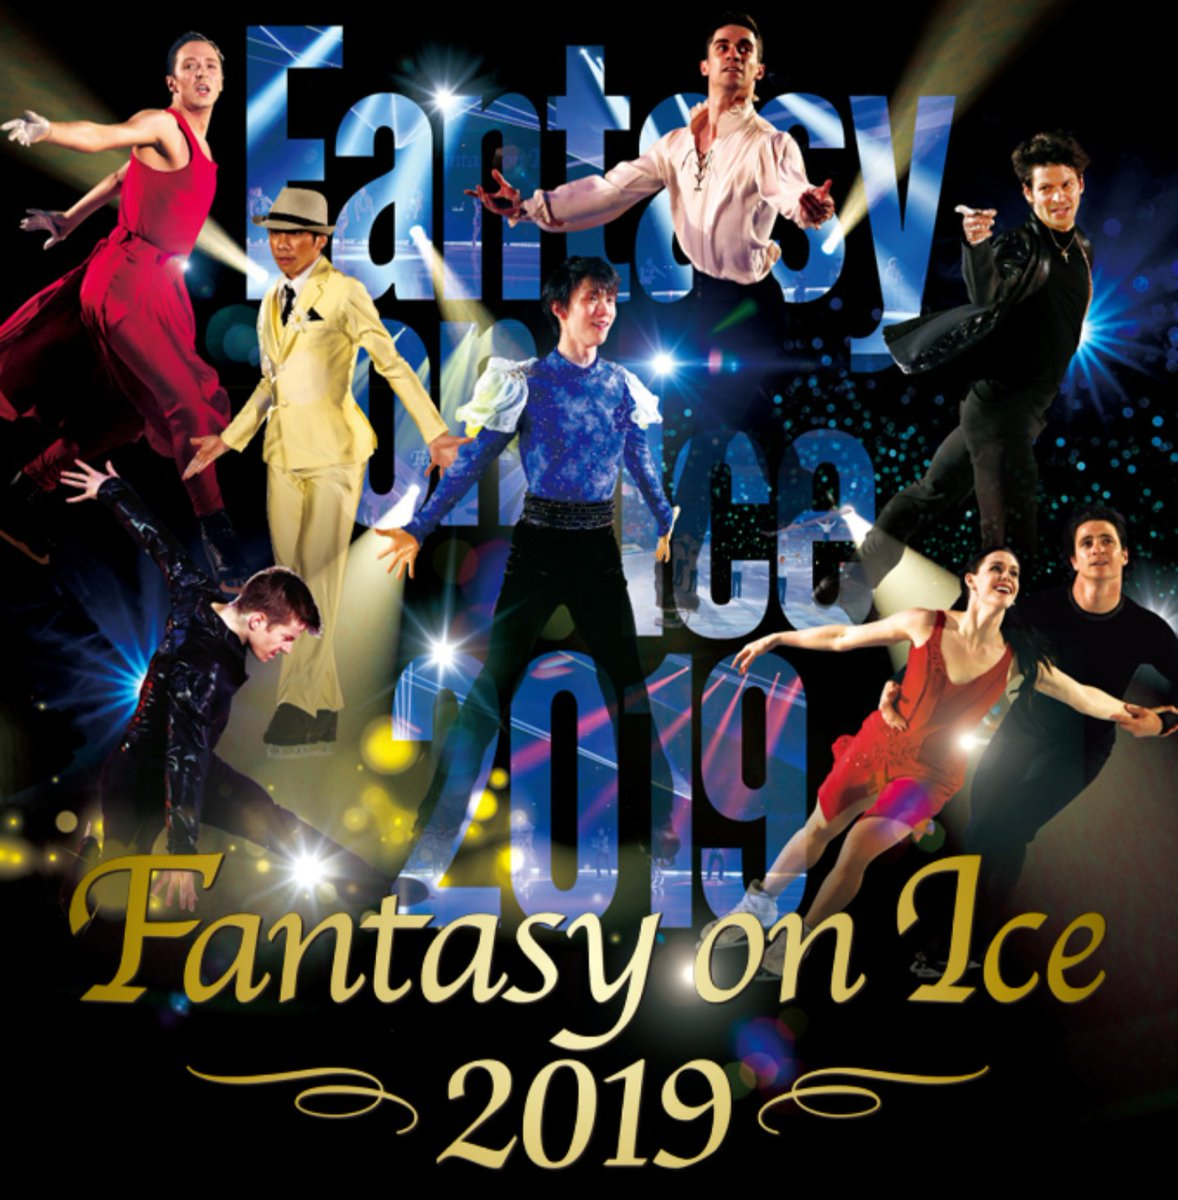 Fantasy on Ice 2019: Tutti pronti? Informazioni utili.